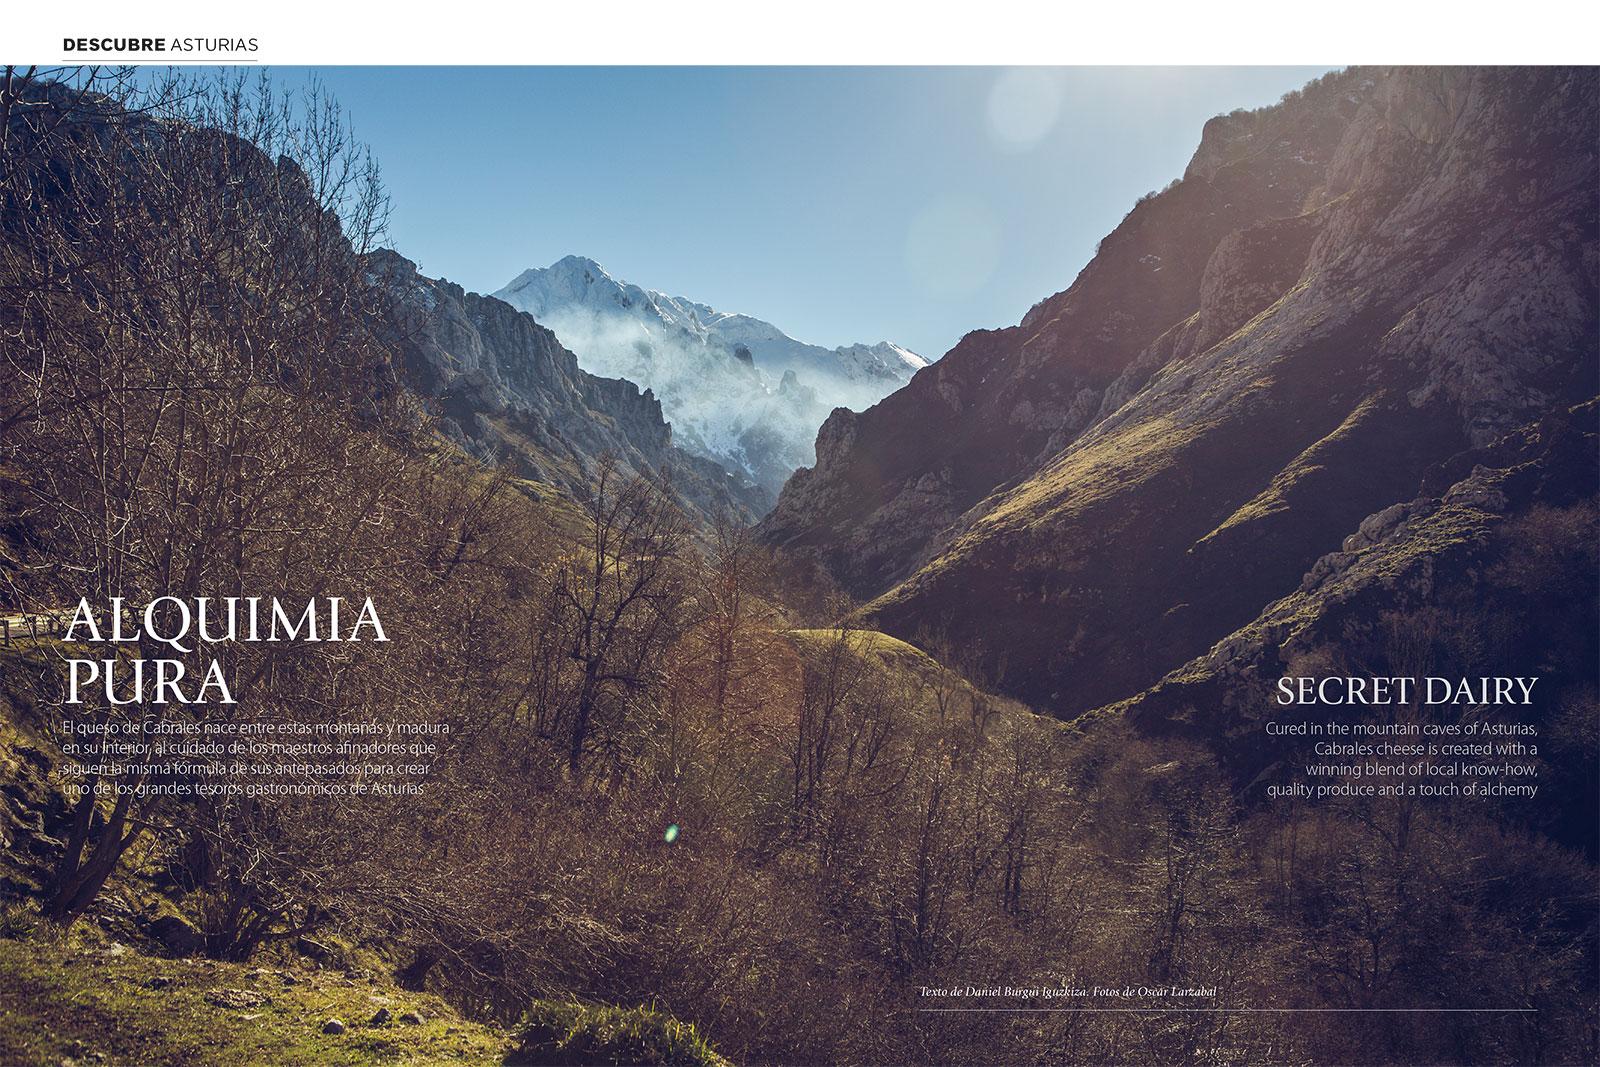 fotografo editorial asturias